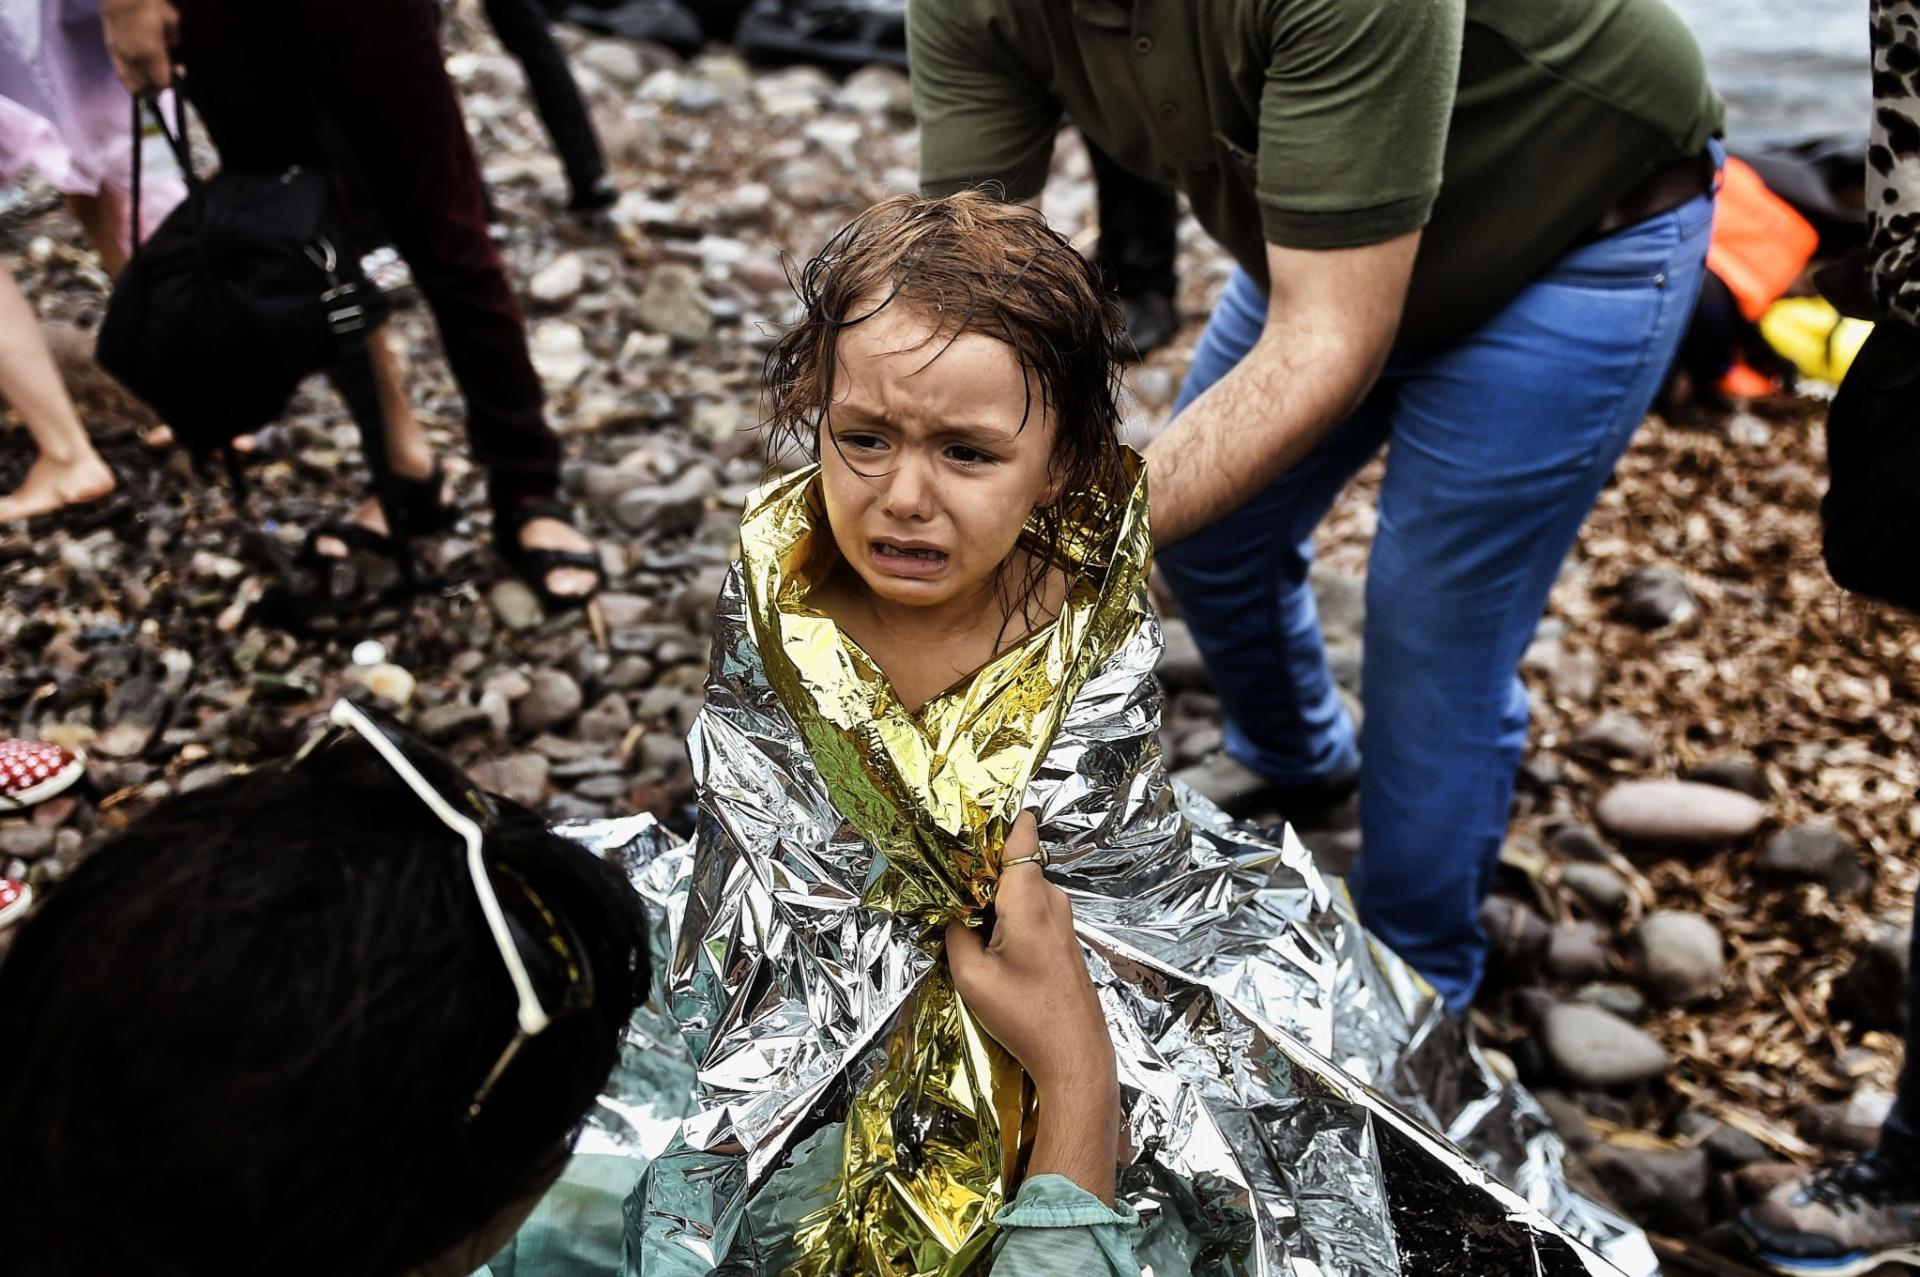 28.set.2015 - Garota síria é recebida com cobertor térmico na chegada à ilha grega de Lesbos. Ela estava com um grupo de imigrantes que cruzou o mar Egeu. Uma embarcação com refugiados afundou e deixou dezenas de mortos